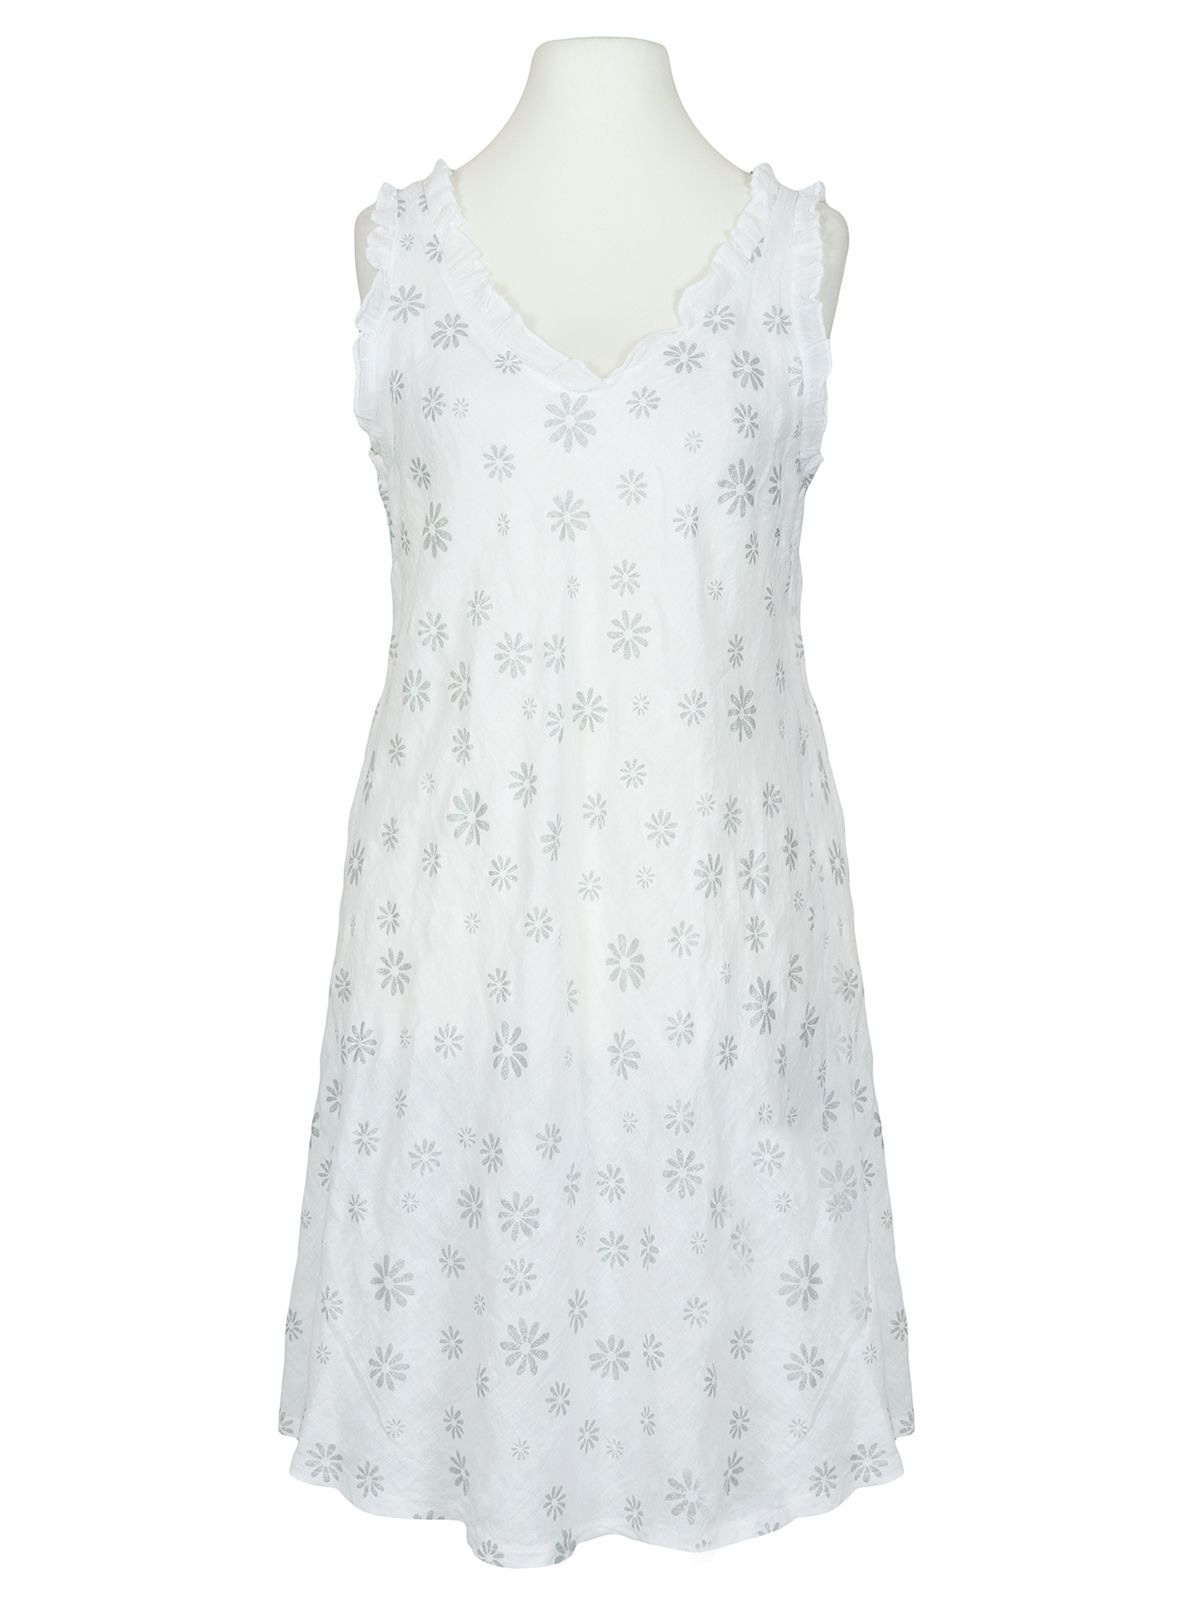 Leinenkleid Mit Blüten Weiss Bei Meinkleidchen Kaufen